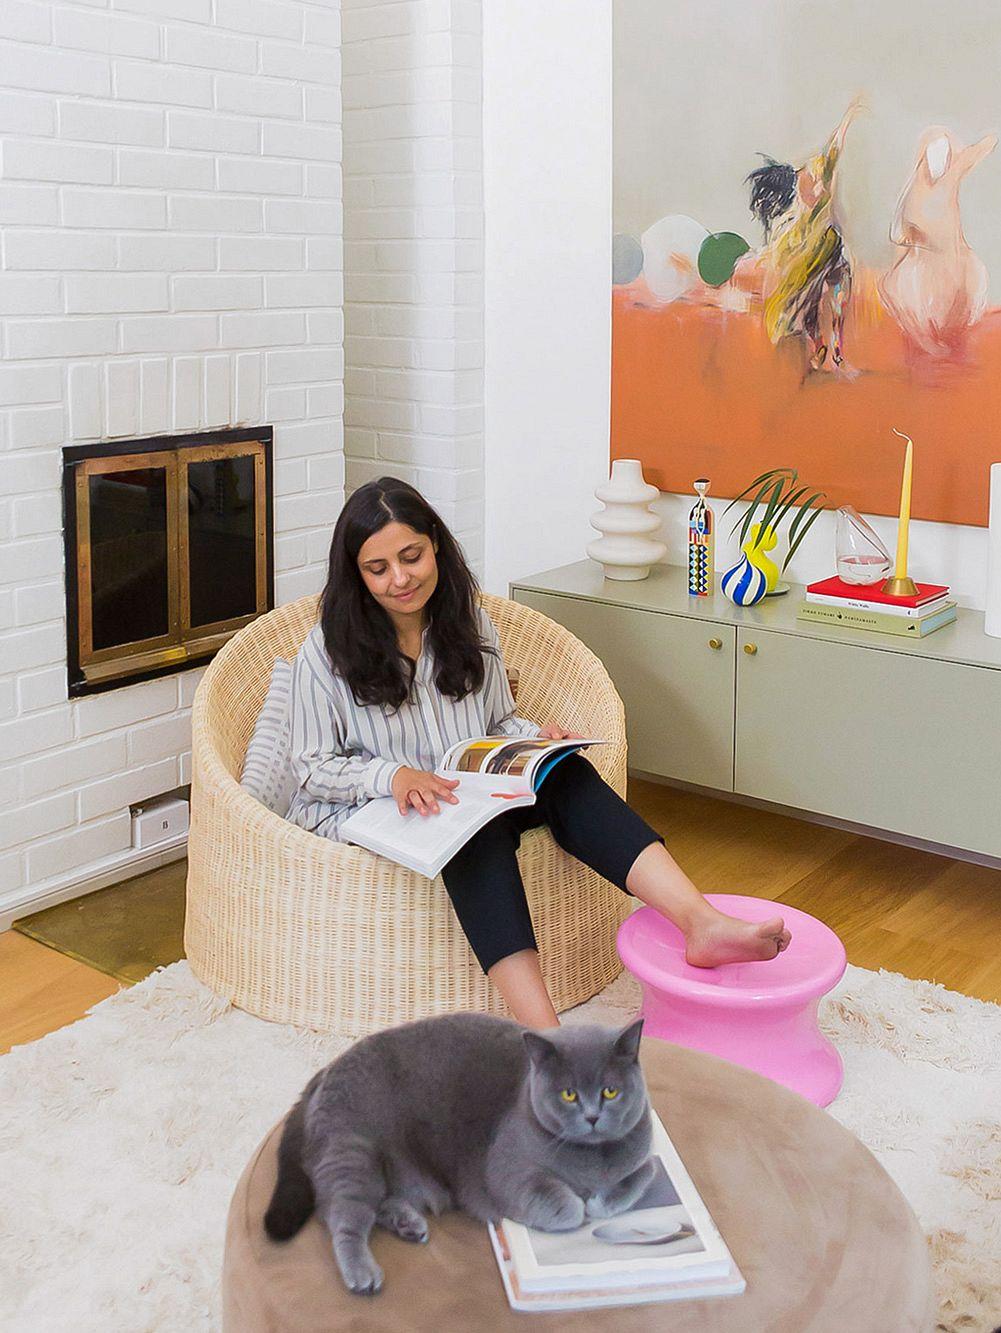 Lela Louhio in her home in Helsinki